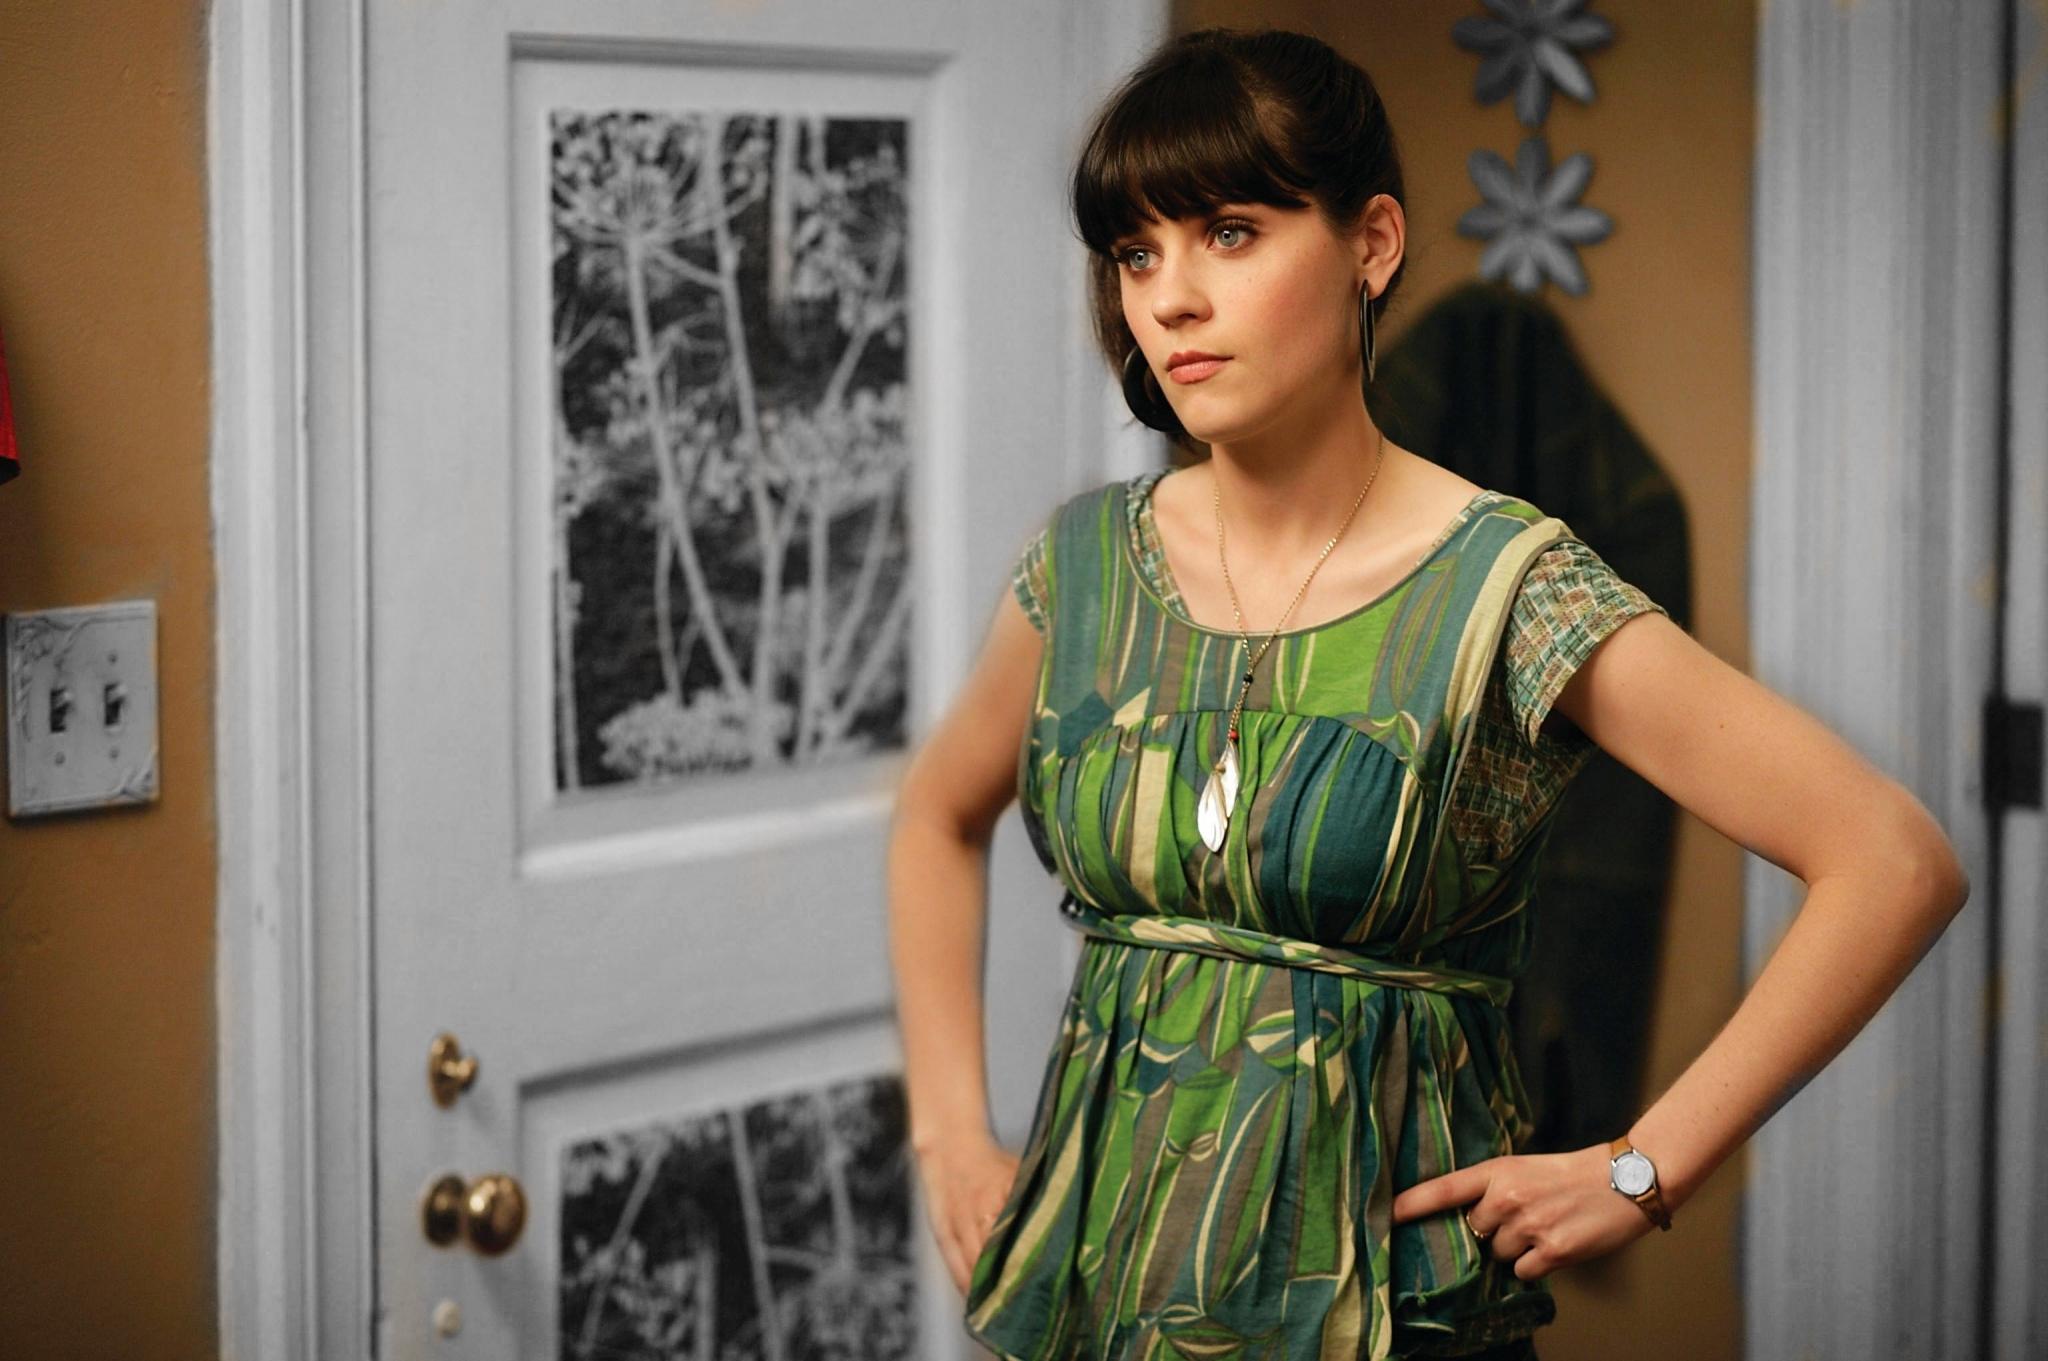 Zooey Deschanel: Pick Your Fav Movie/TV Show! - Actresses ...